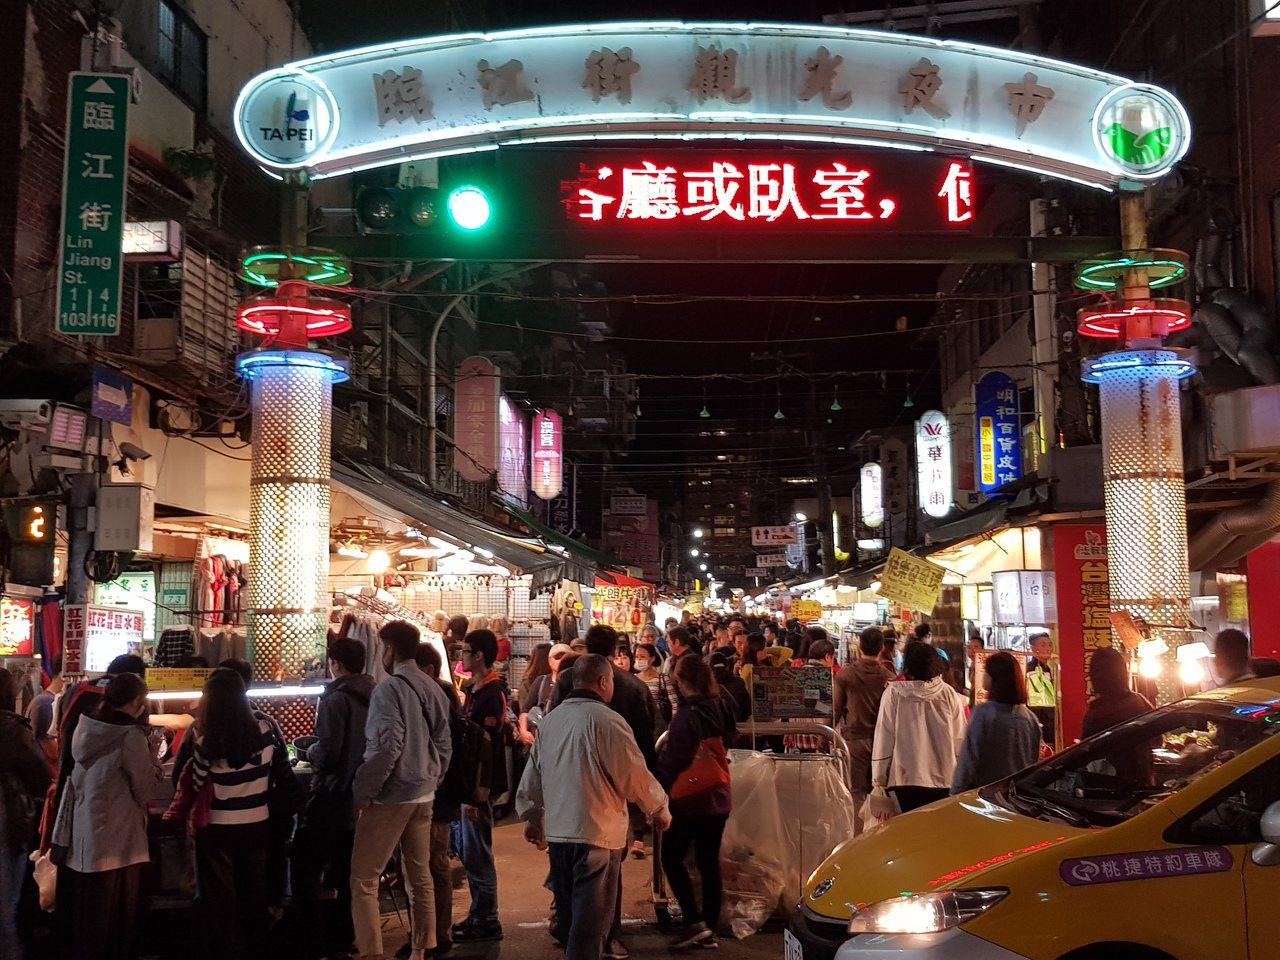 台北大安區臨江街觀光夜市,過去也被稱為通化夜市,約170個攤位供應特色小吃,平日...